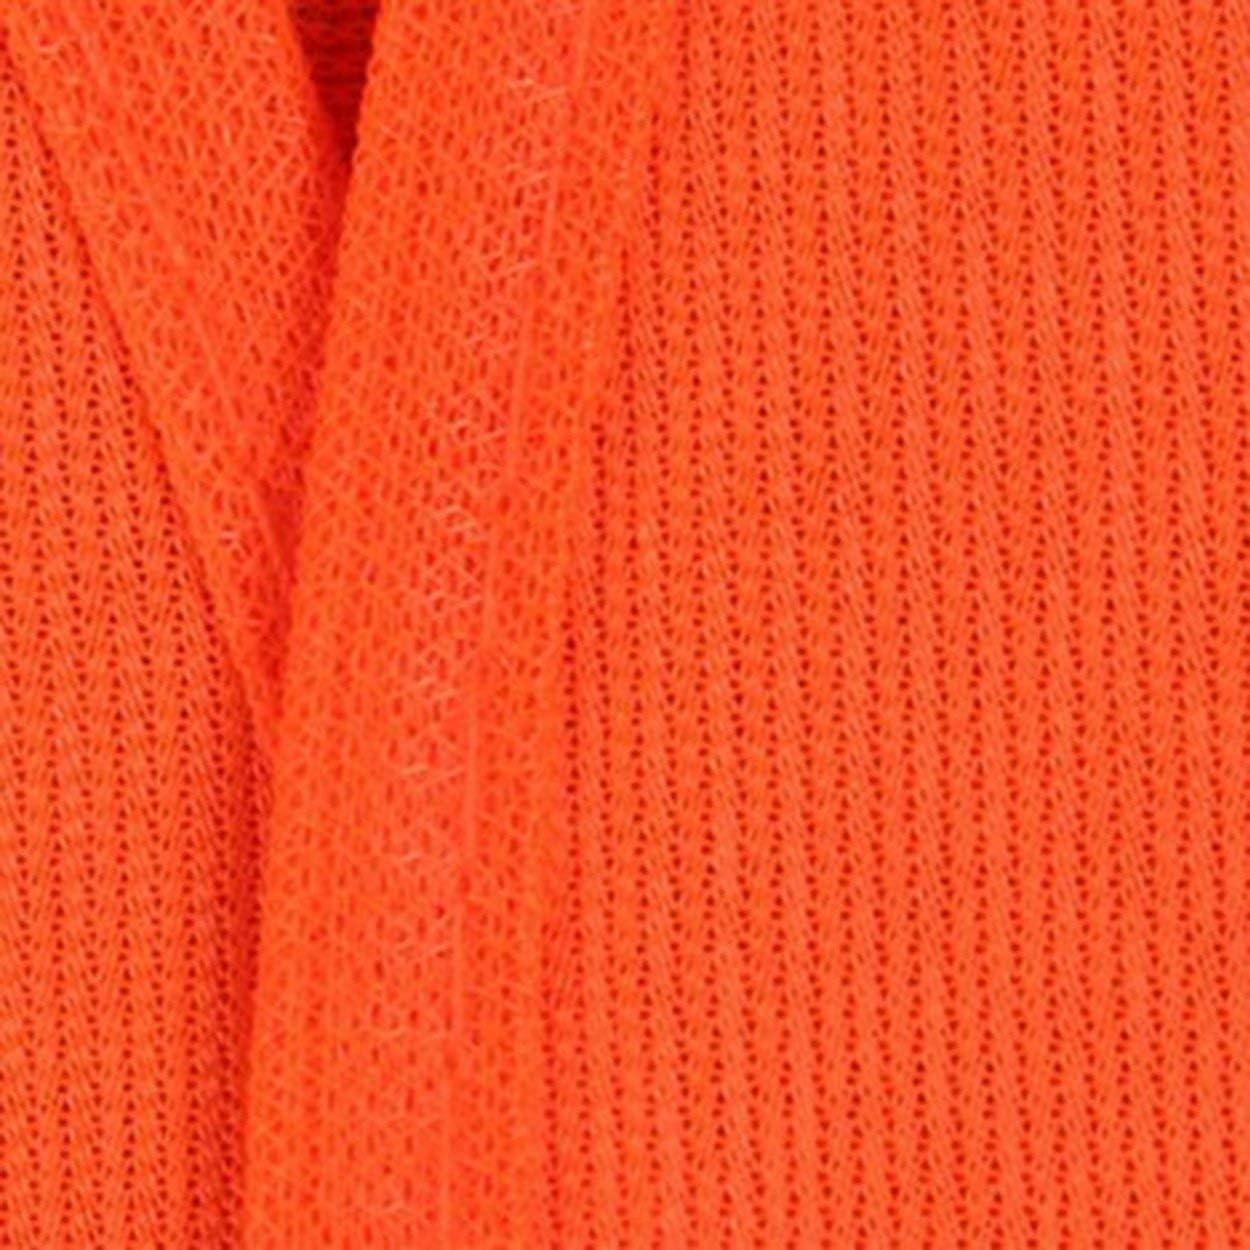 ropa de trabajo chaleco protector de alta visibilidad para asistente de polic/ía Lorenlli Chaleco de advertencia de tr/áfico con rayas reflectantes trabajador de saneamiento